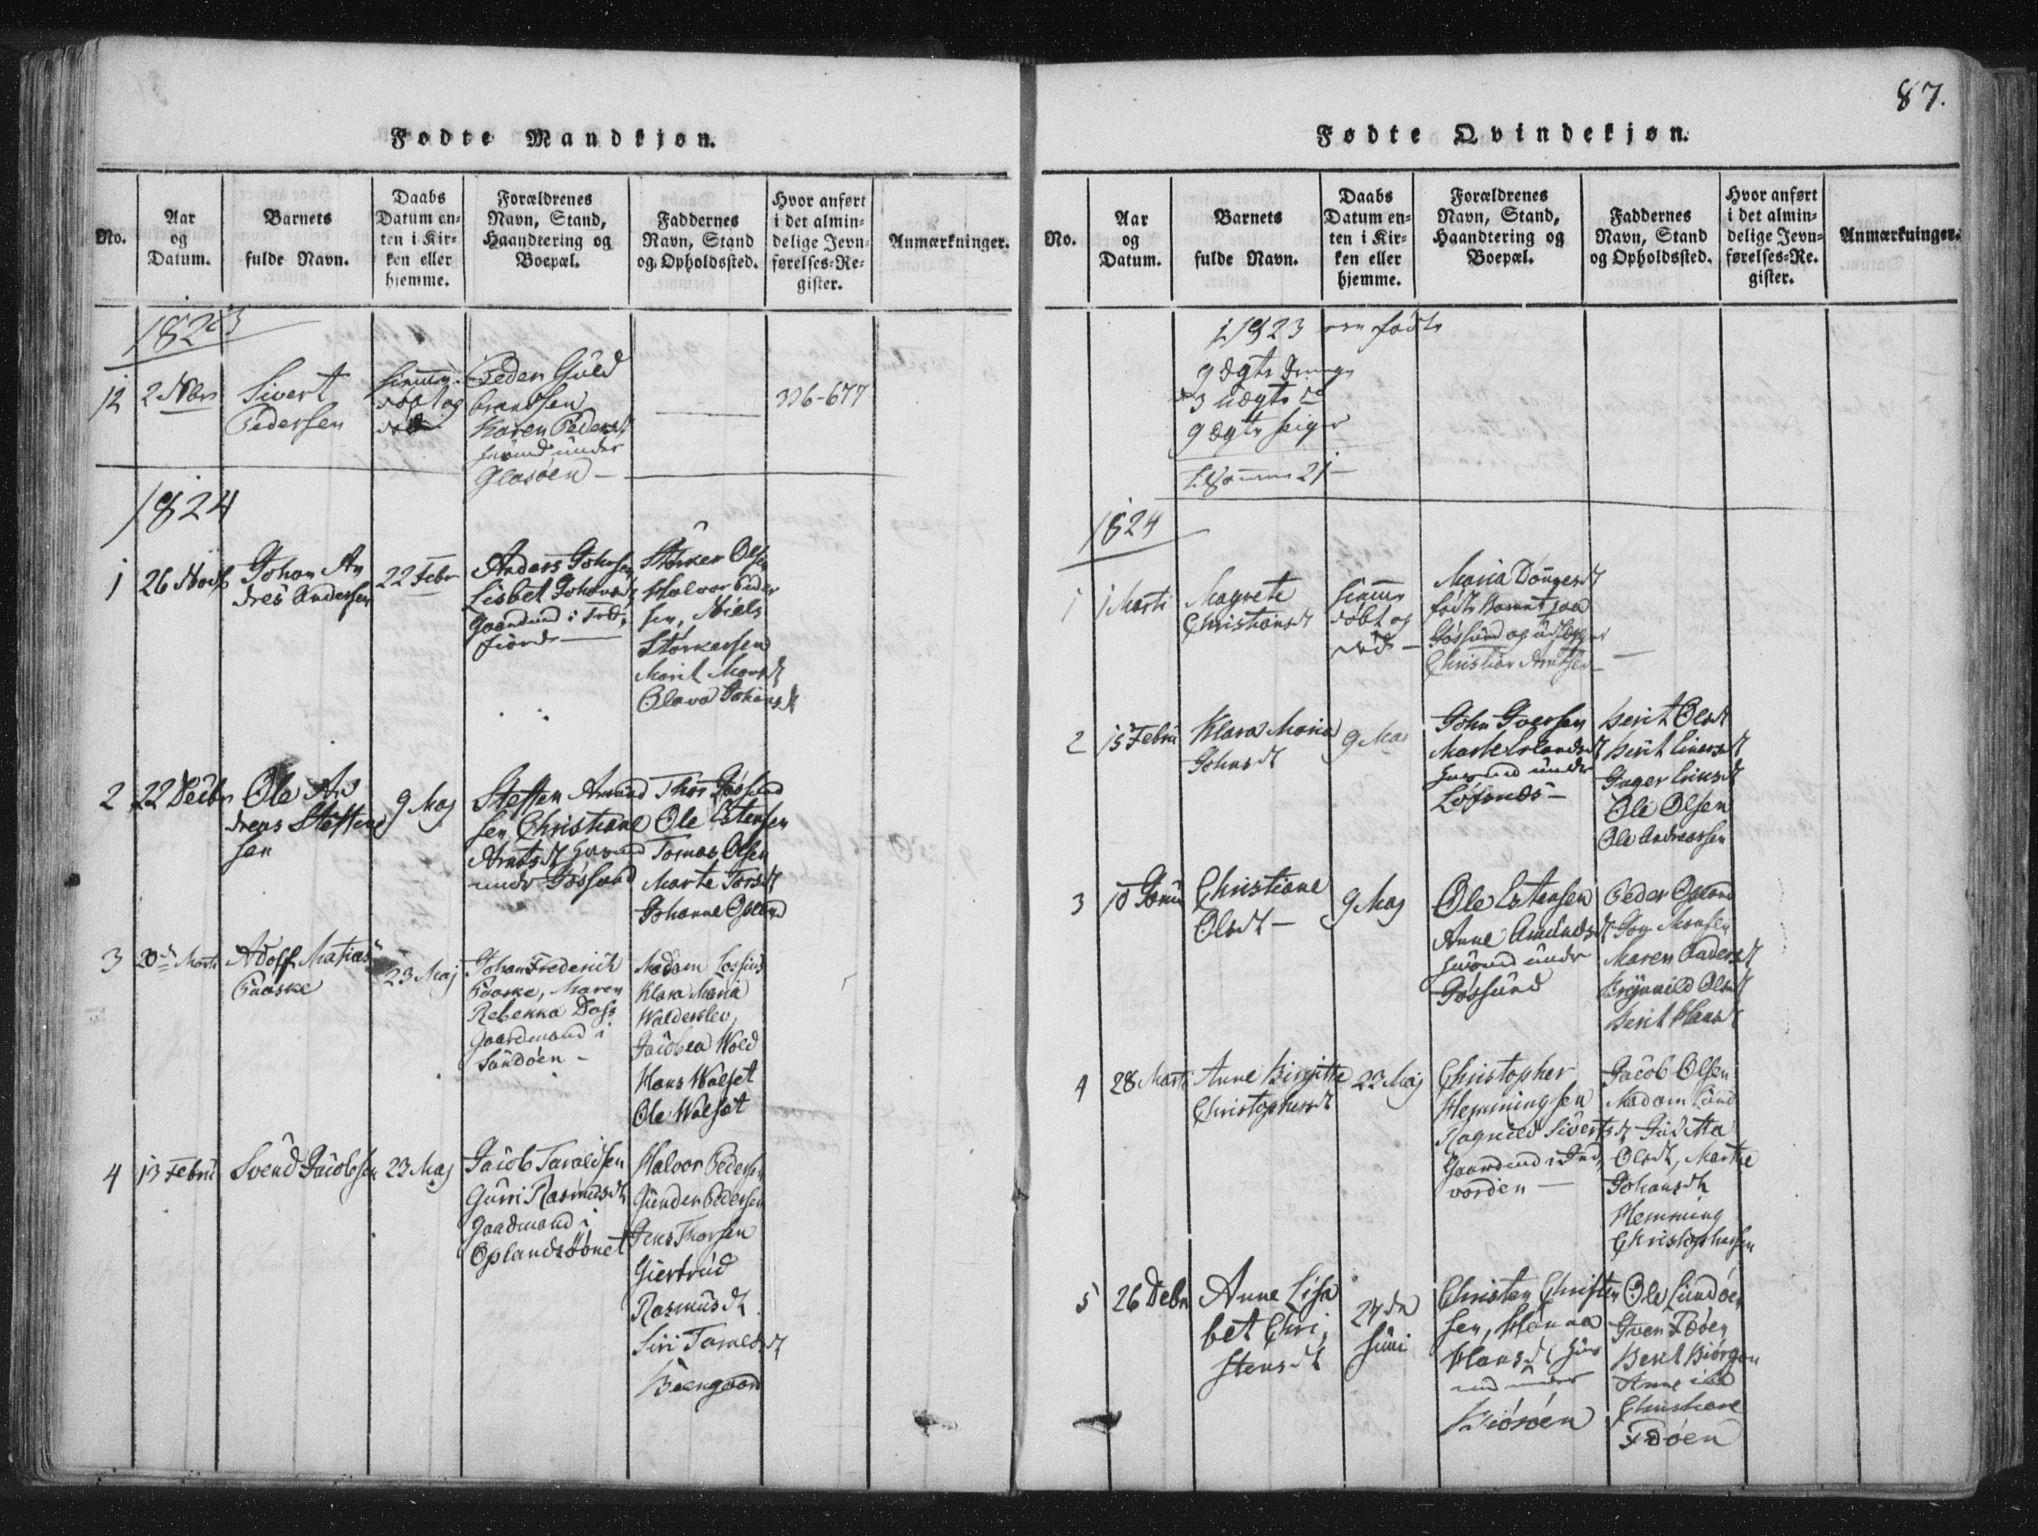 SAT, Ministerialprotokoller, klokkerbøker og fødselsregistre - Nord-Trøndelag, 773/L0609: Ministerialbok nr. 773A03 /3, 1815-1830, s. 87